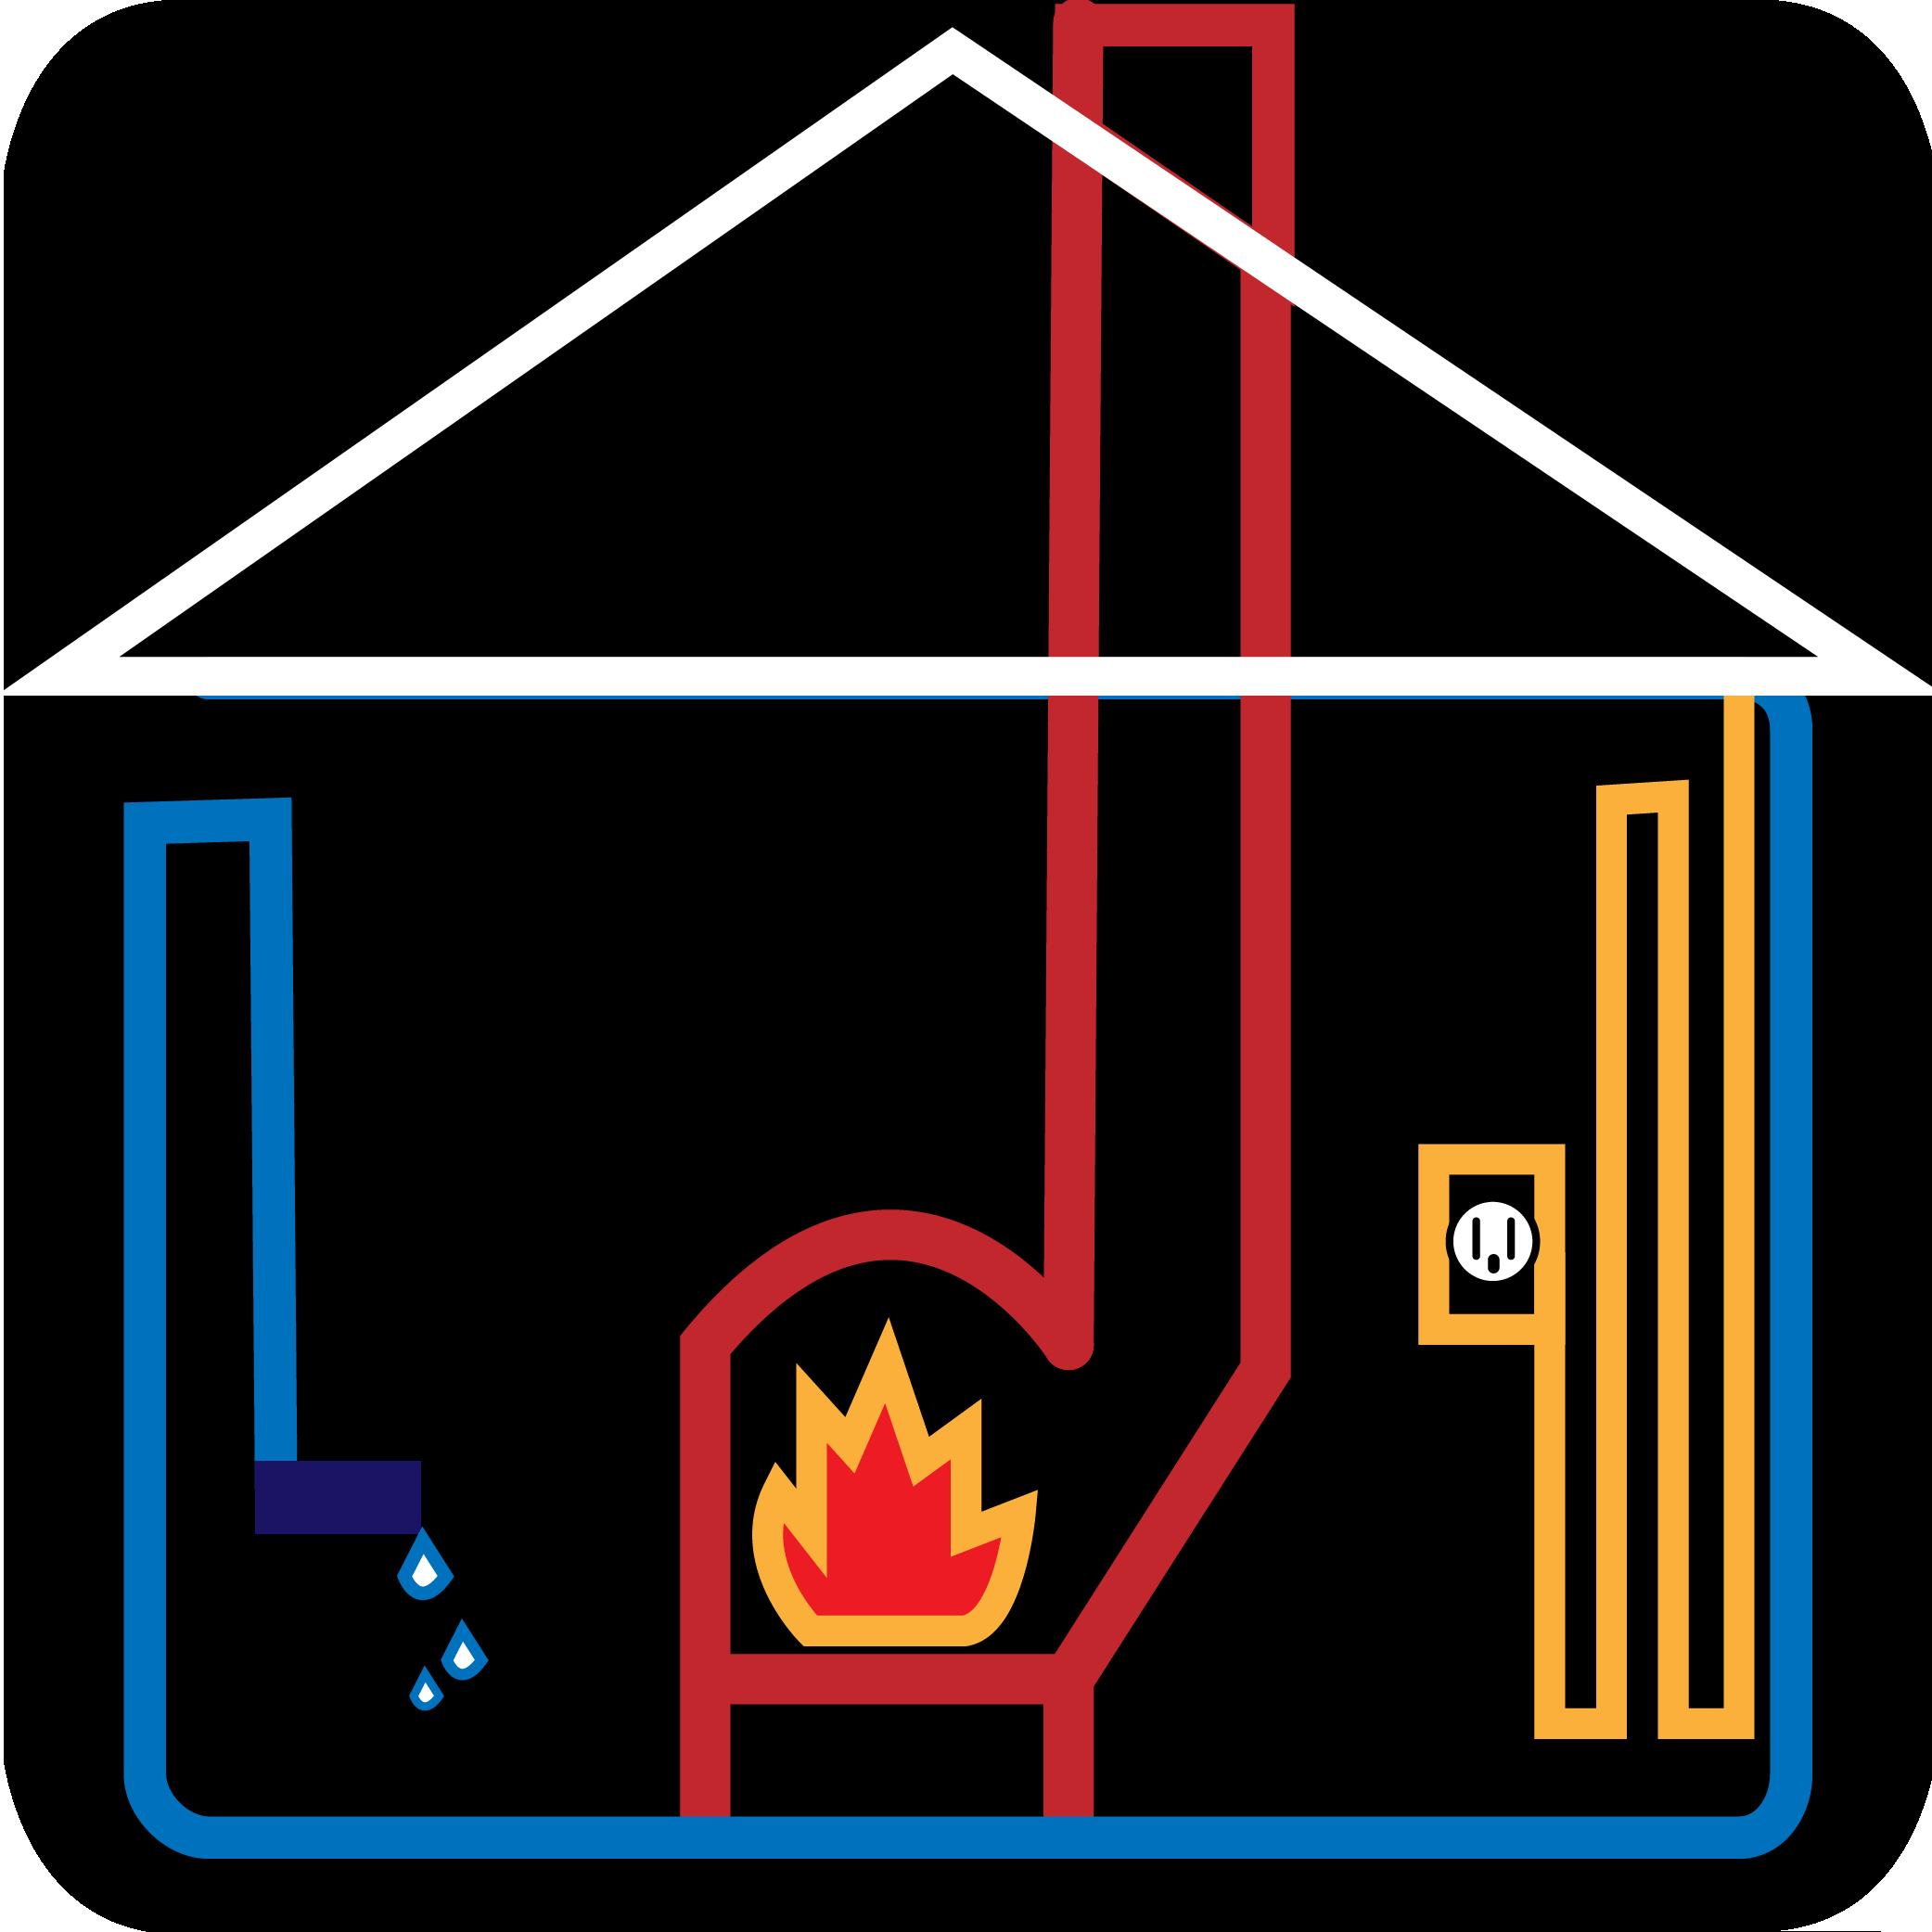 Utilities logo-01.jpg